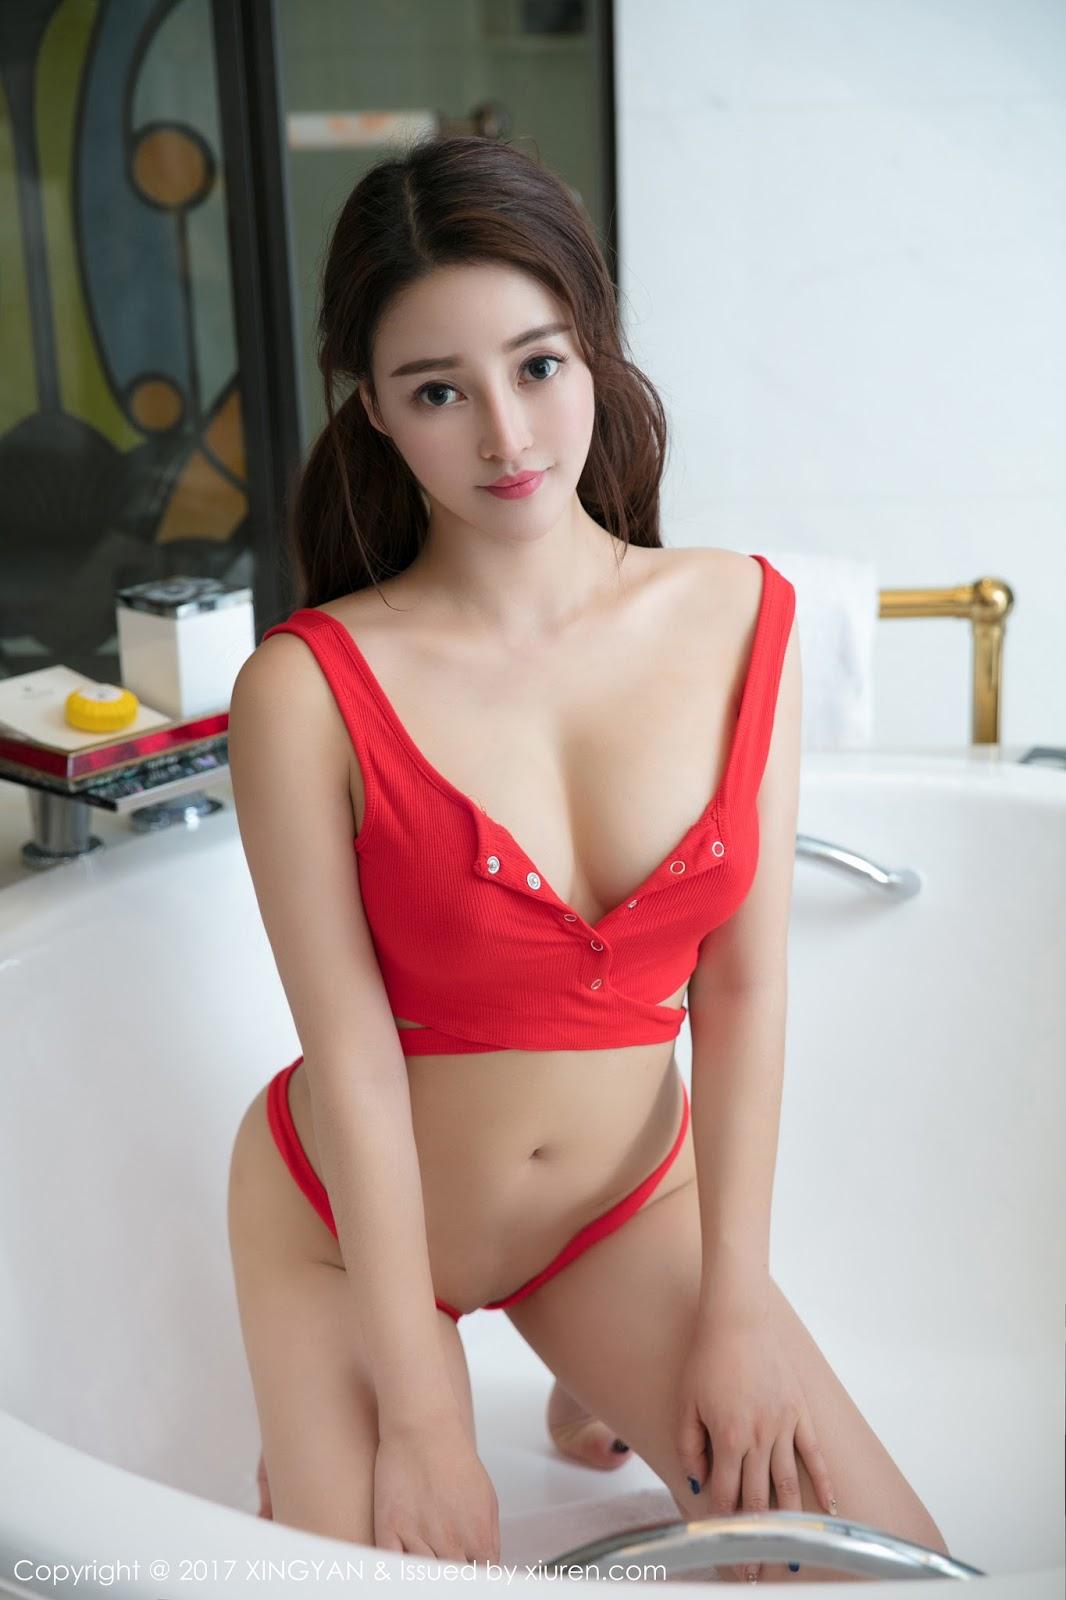 XingYan Vol.002 Zhang Ling Er (张灵儿)